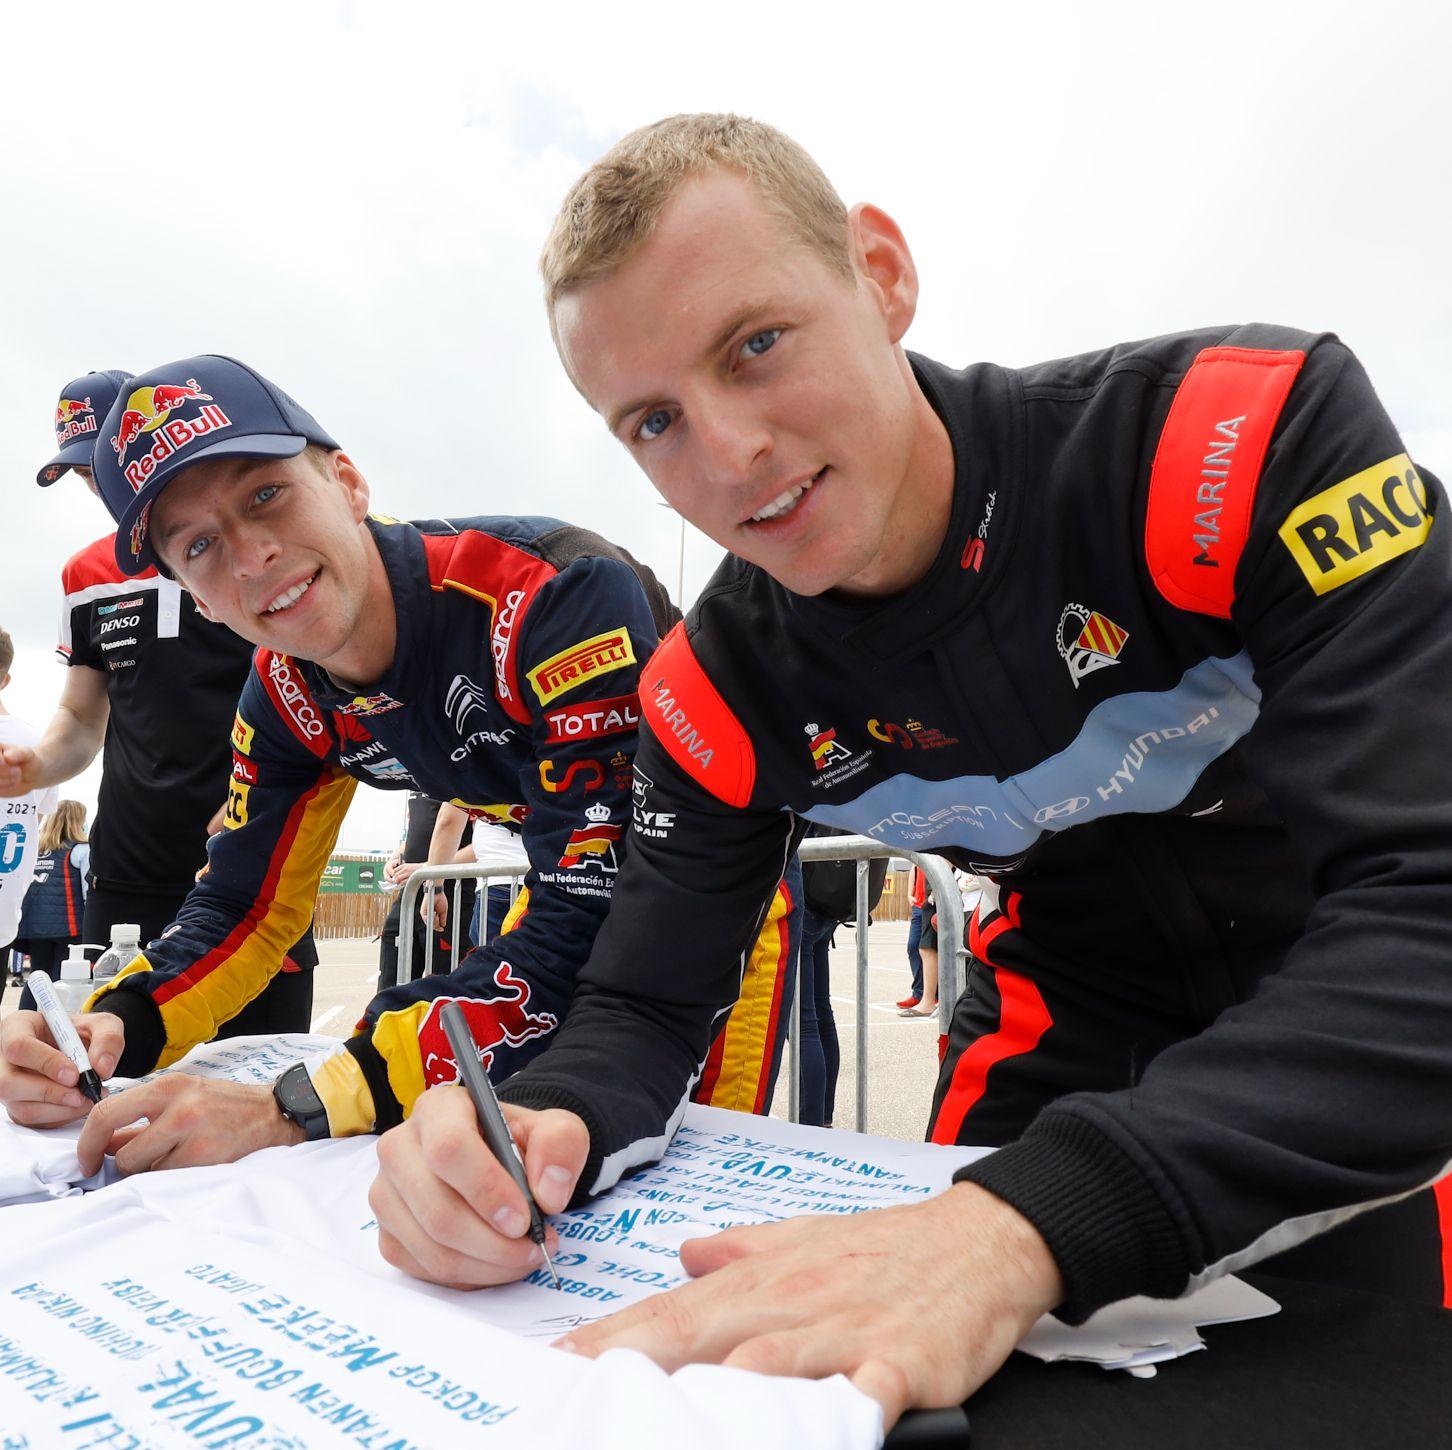 WRC: 56º RallyRACC Catalunya Costa Daurada - Rally de España [14-17 Octubre] - Página 3 FBqzWX2UUAAGShT?format=jpg&name=large